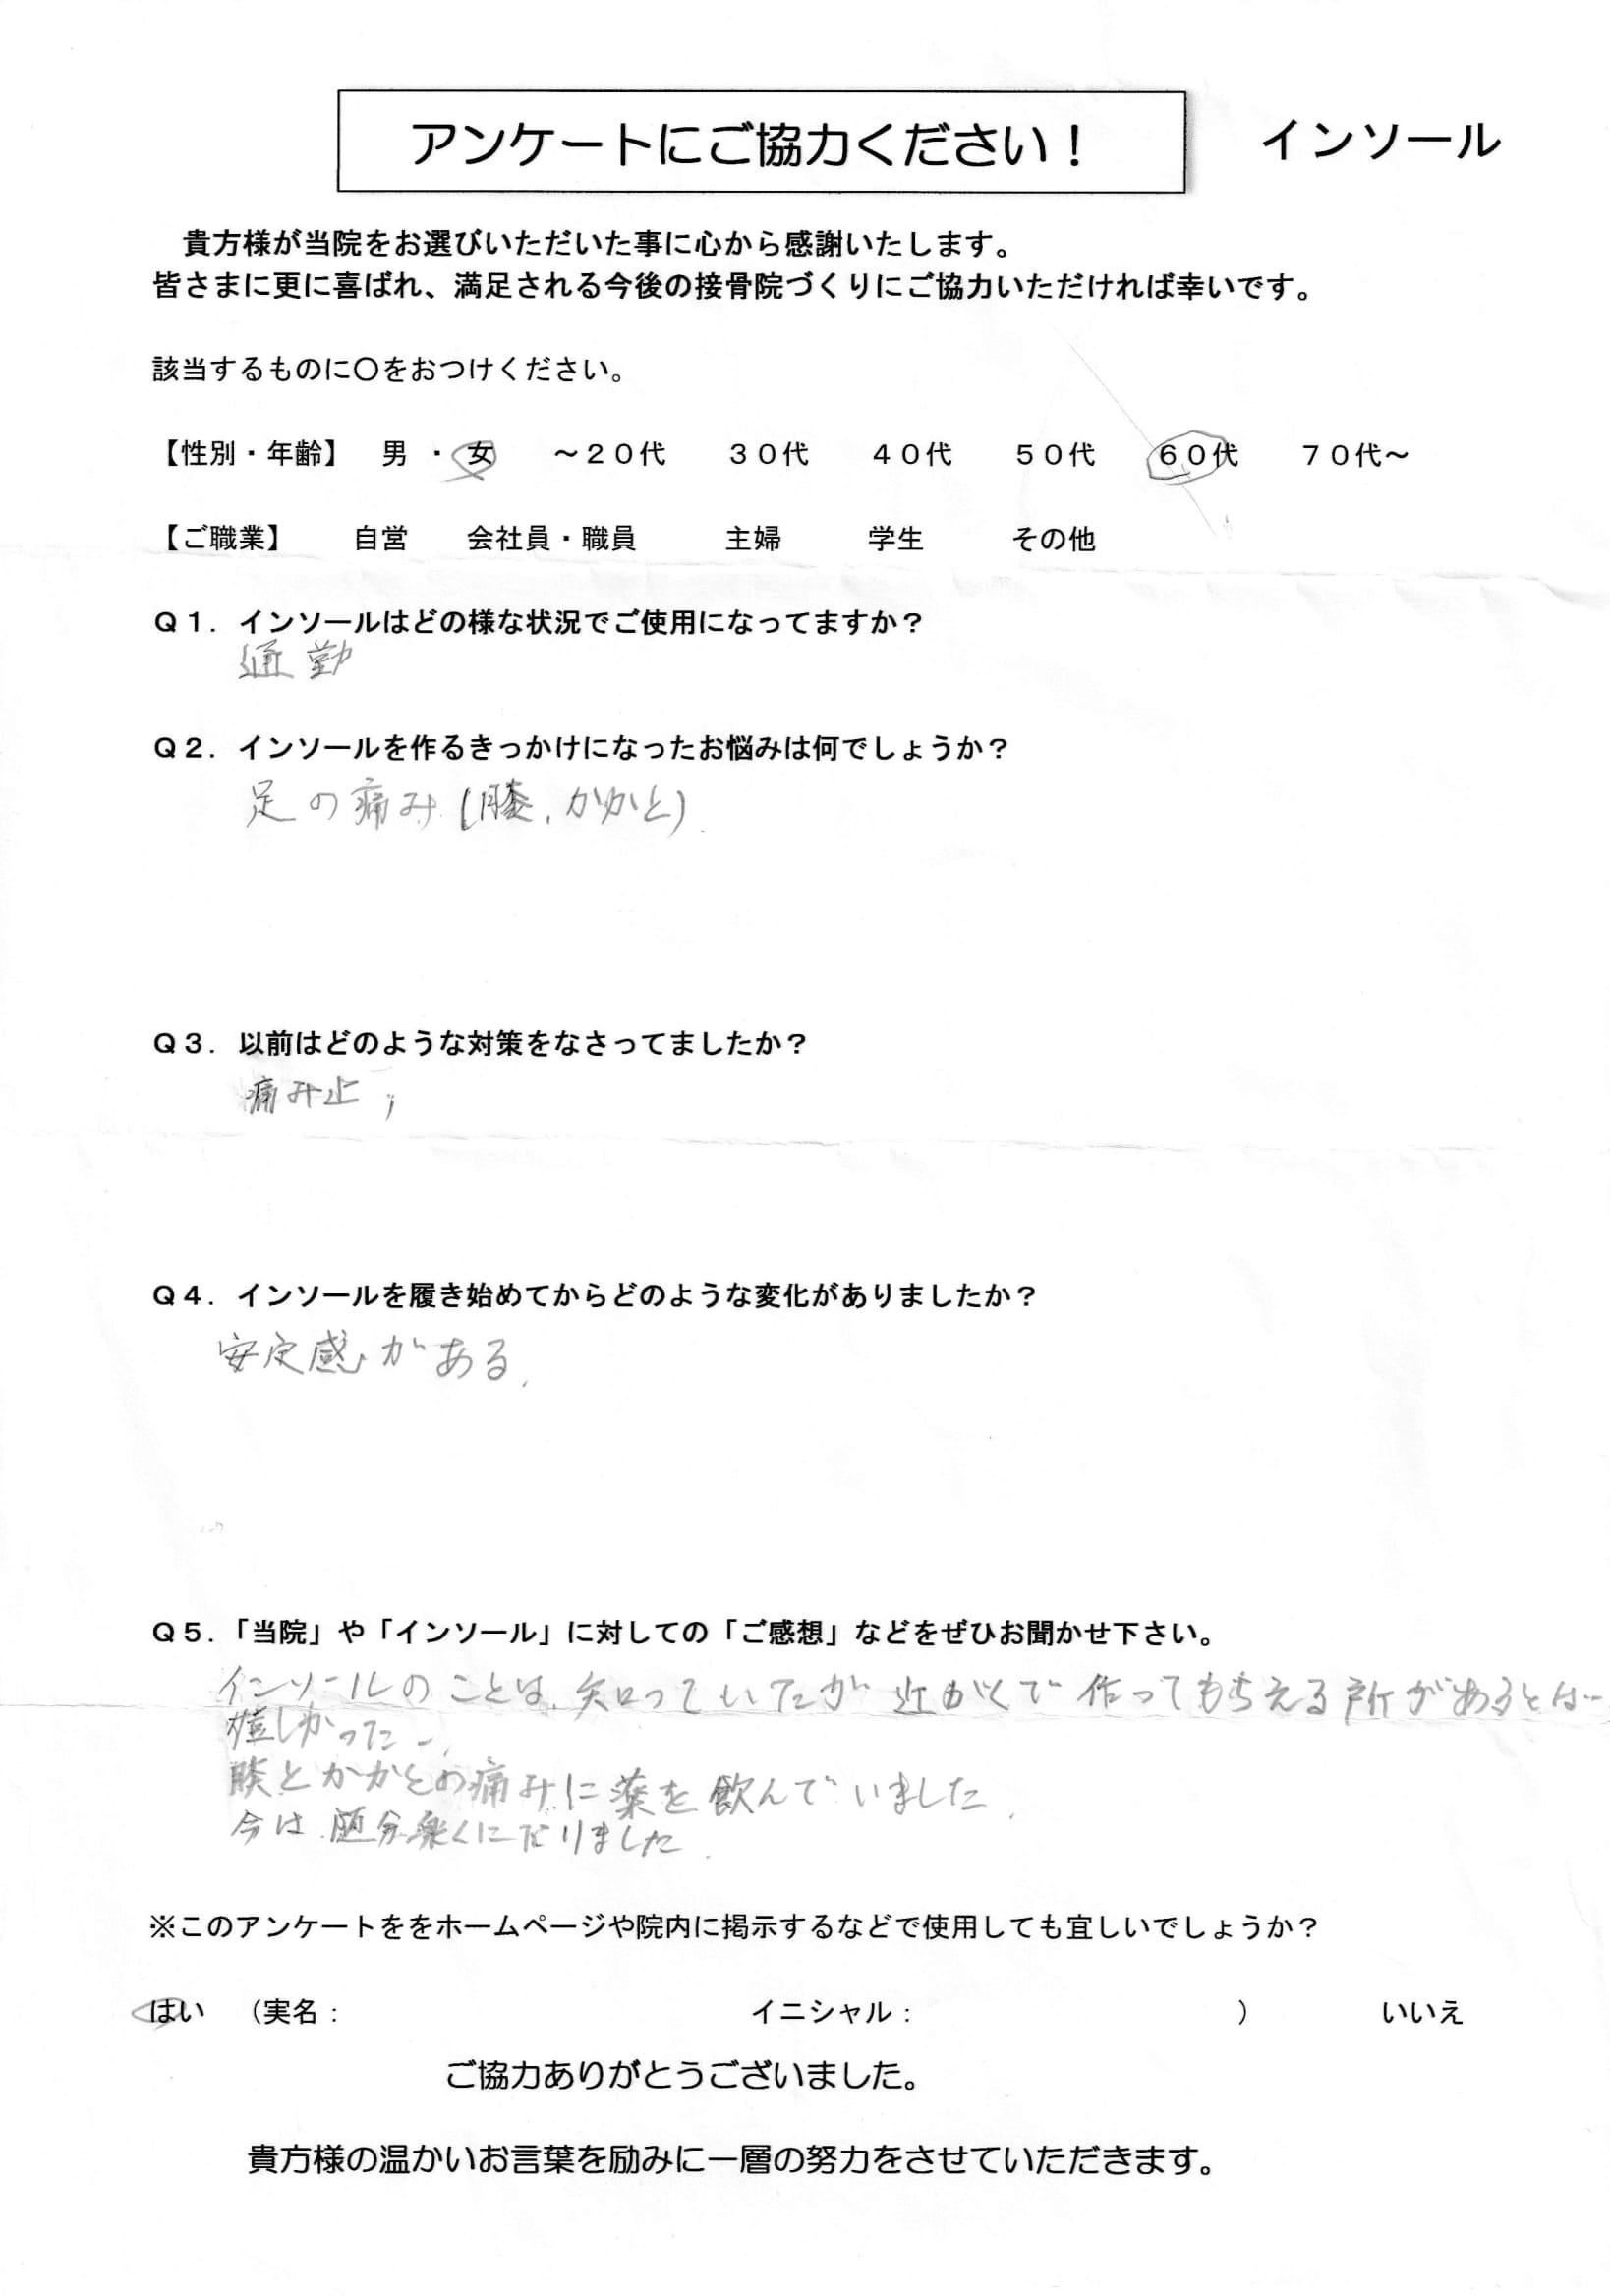 インソール アンケート 60代(女)-1